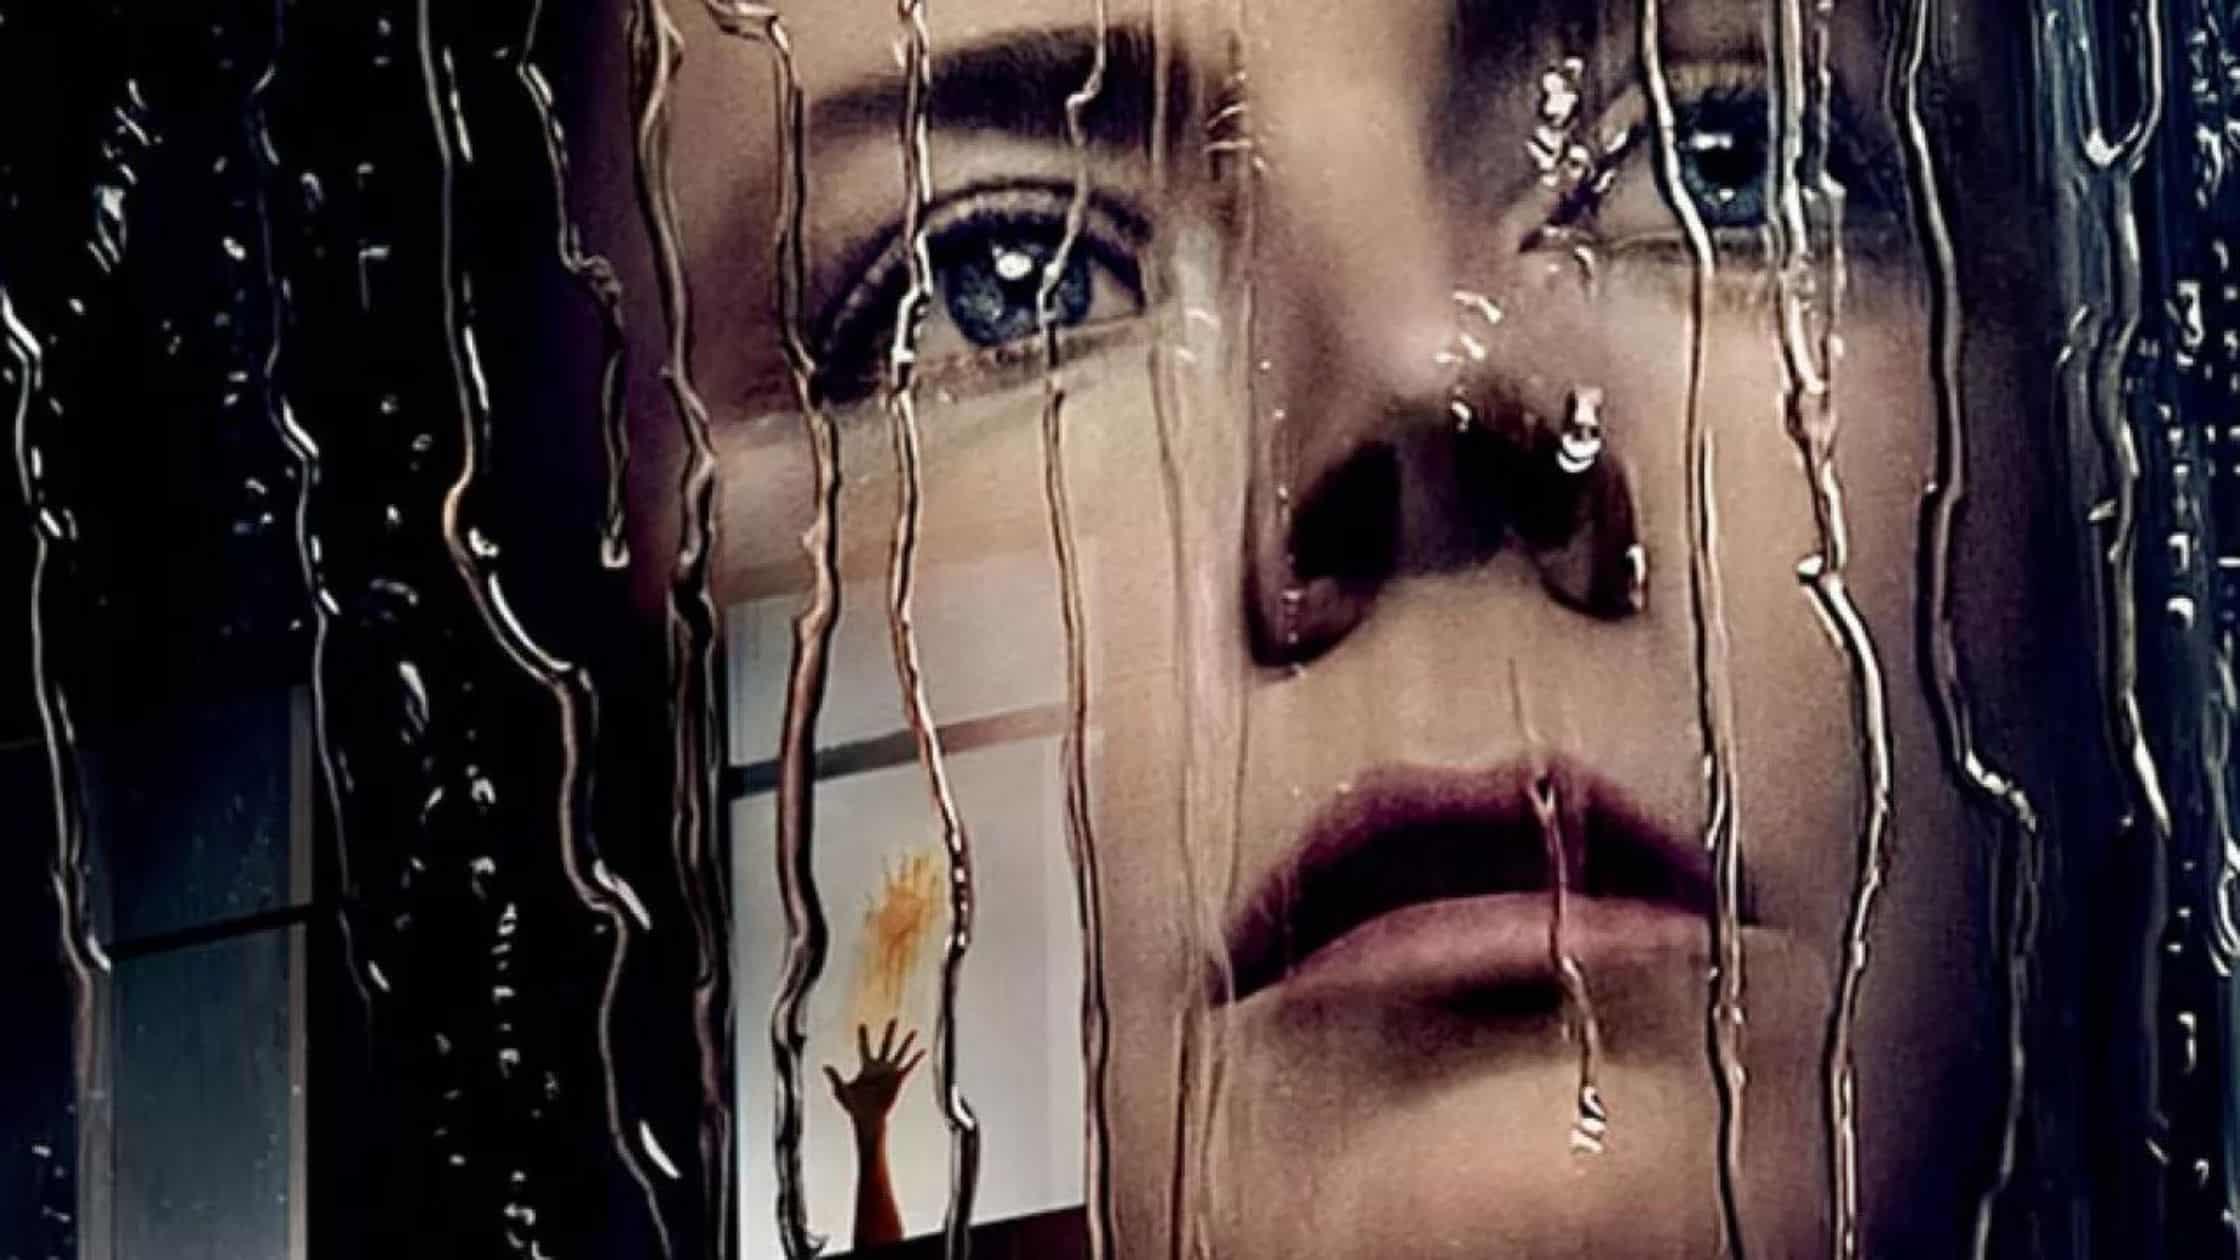 Analisi-linguaggio-visivo-sceneggiatura-film-la-donna-alla-finestra-blog-il-Biondino-della-Spider-Rossa-Crimine-Giustizia-Media-ProsMedia-Agenzia-Corte&Media